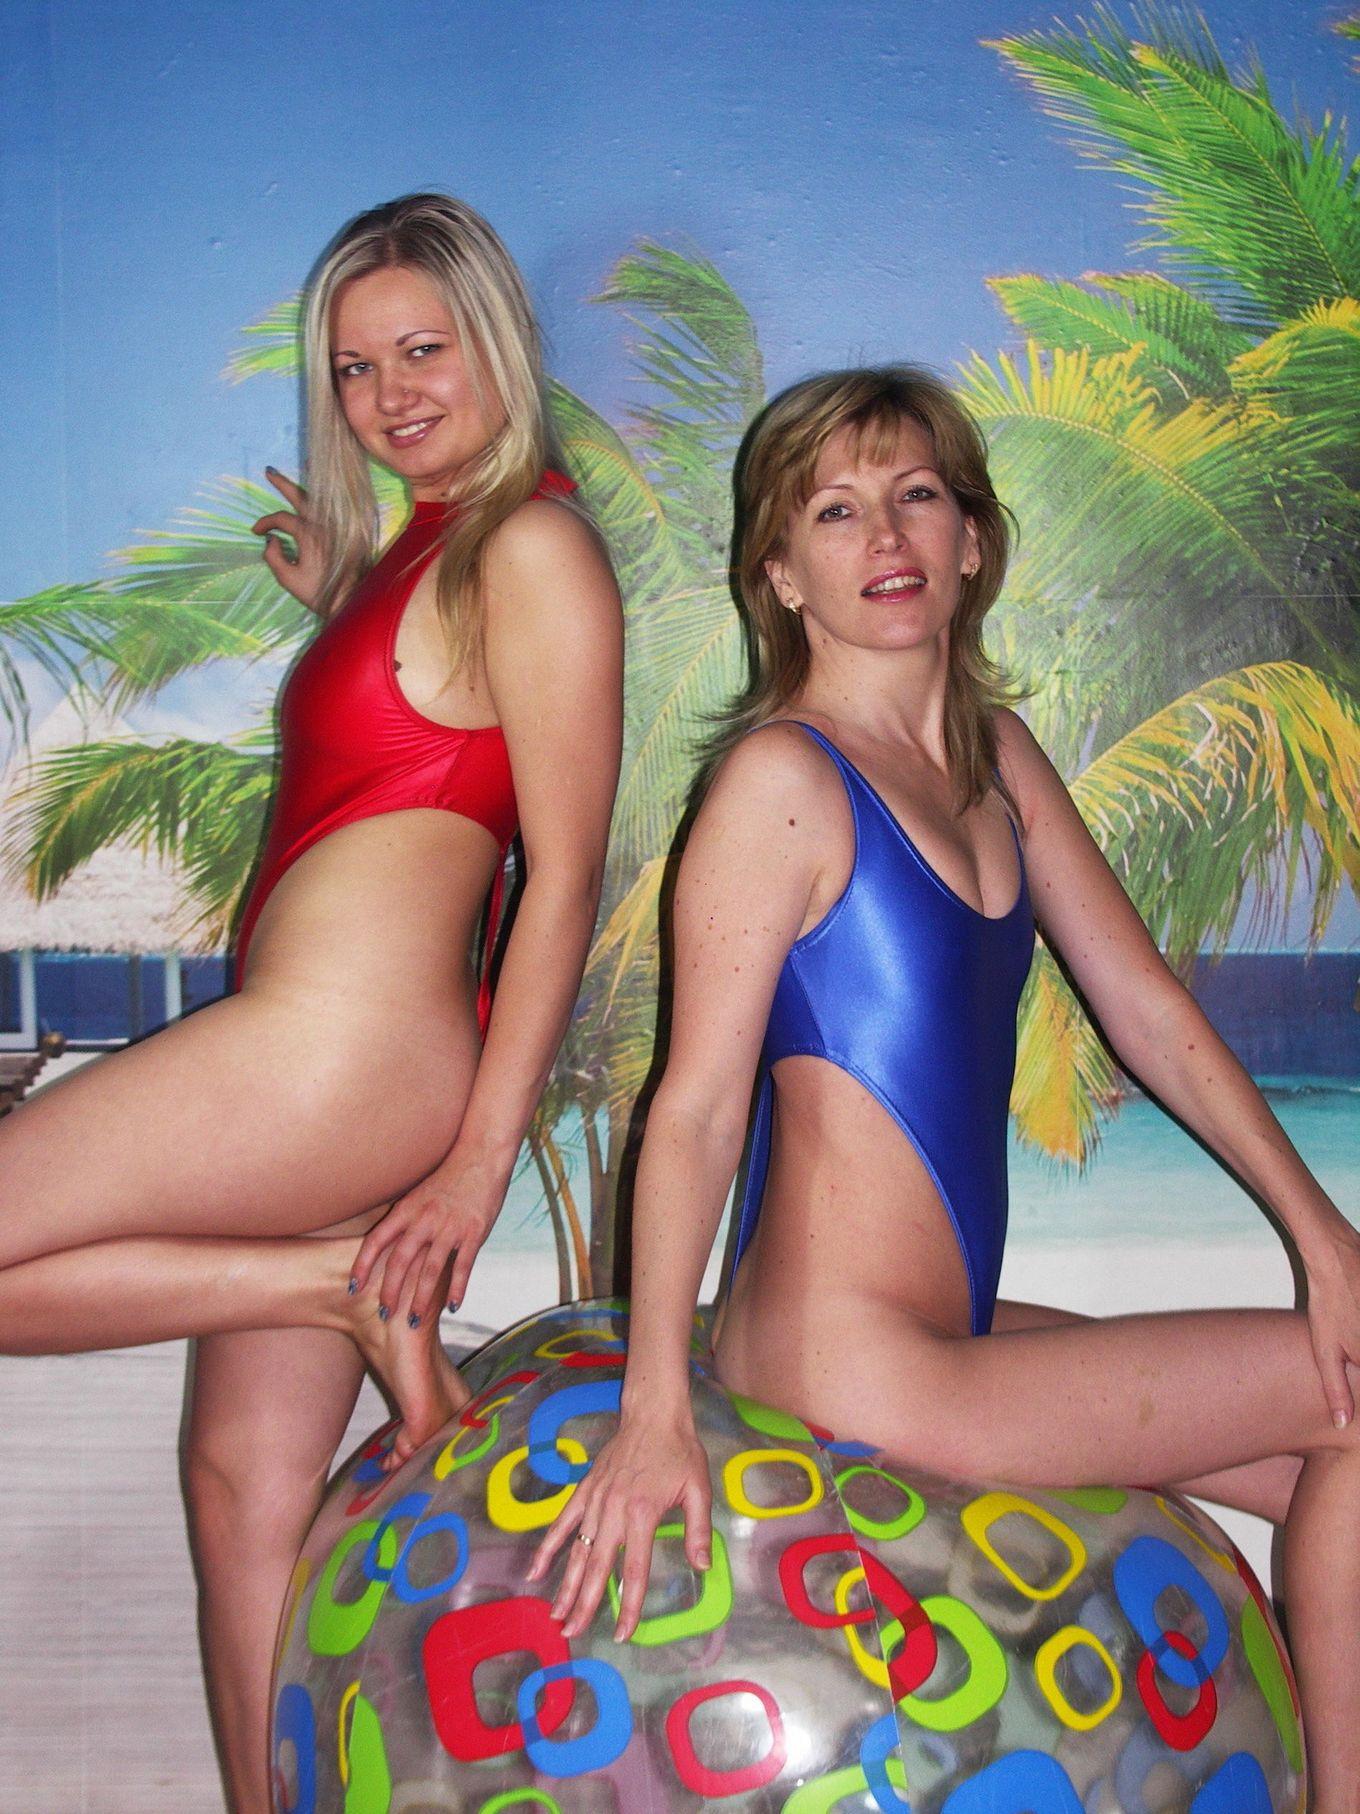 Кристина и Алина в возбуждающих купальных костюмах